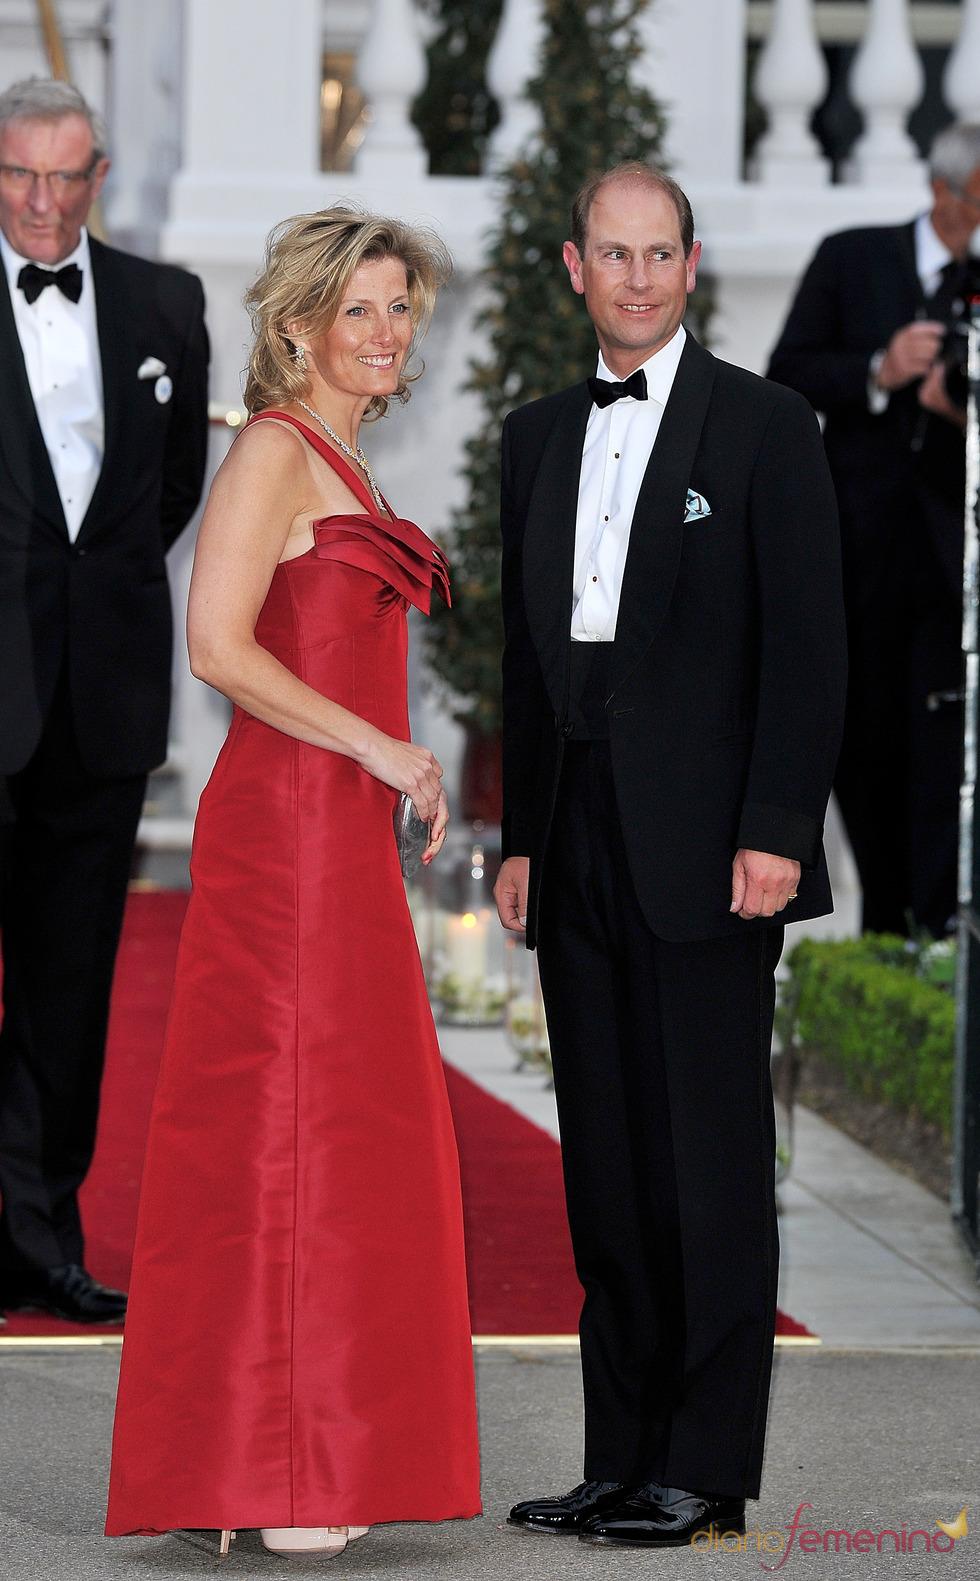 El Príncipe Eduardo y su esposa Sofía de Wessex en la cena pre-boda real